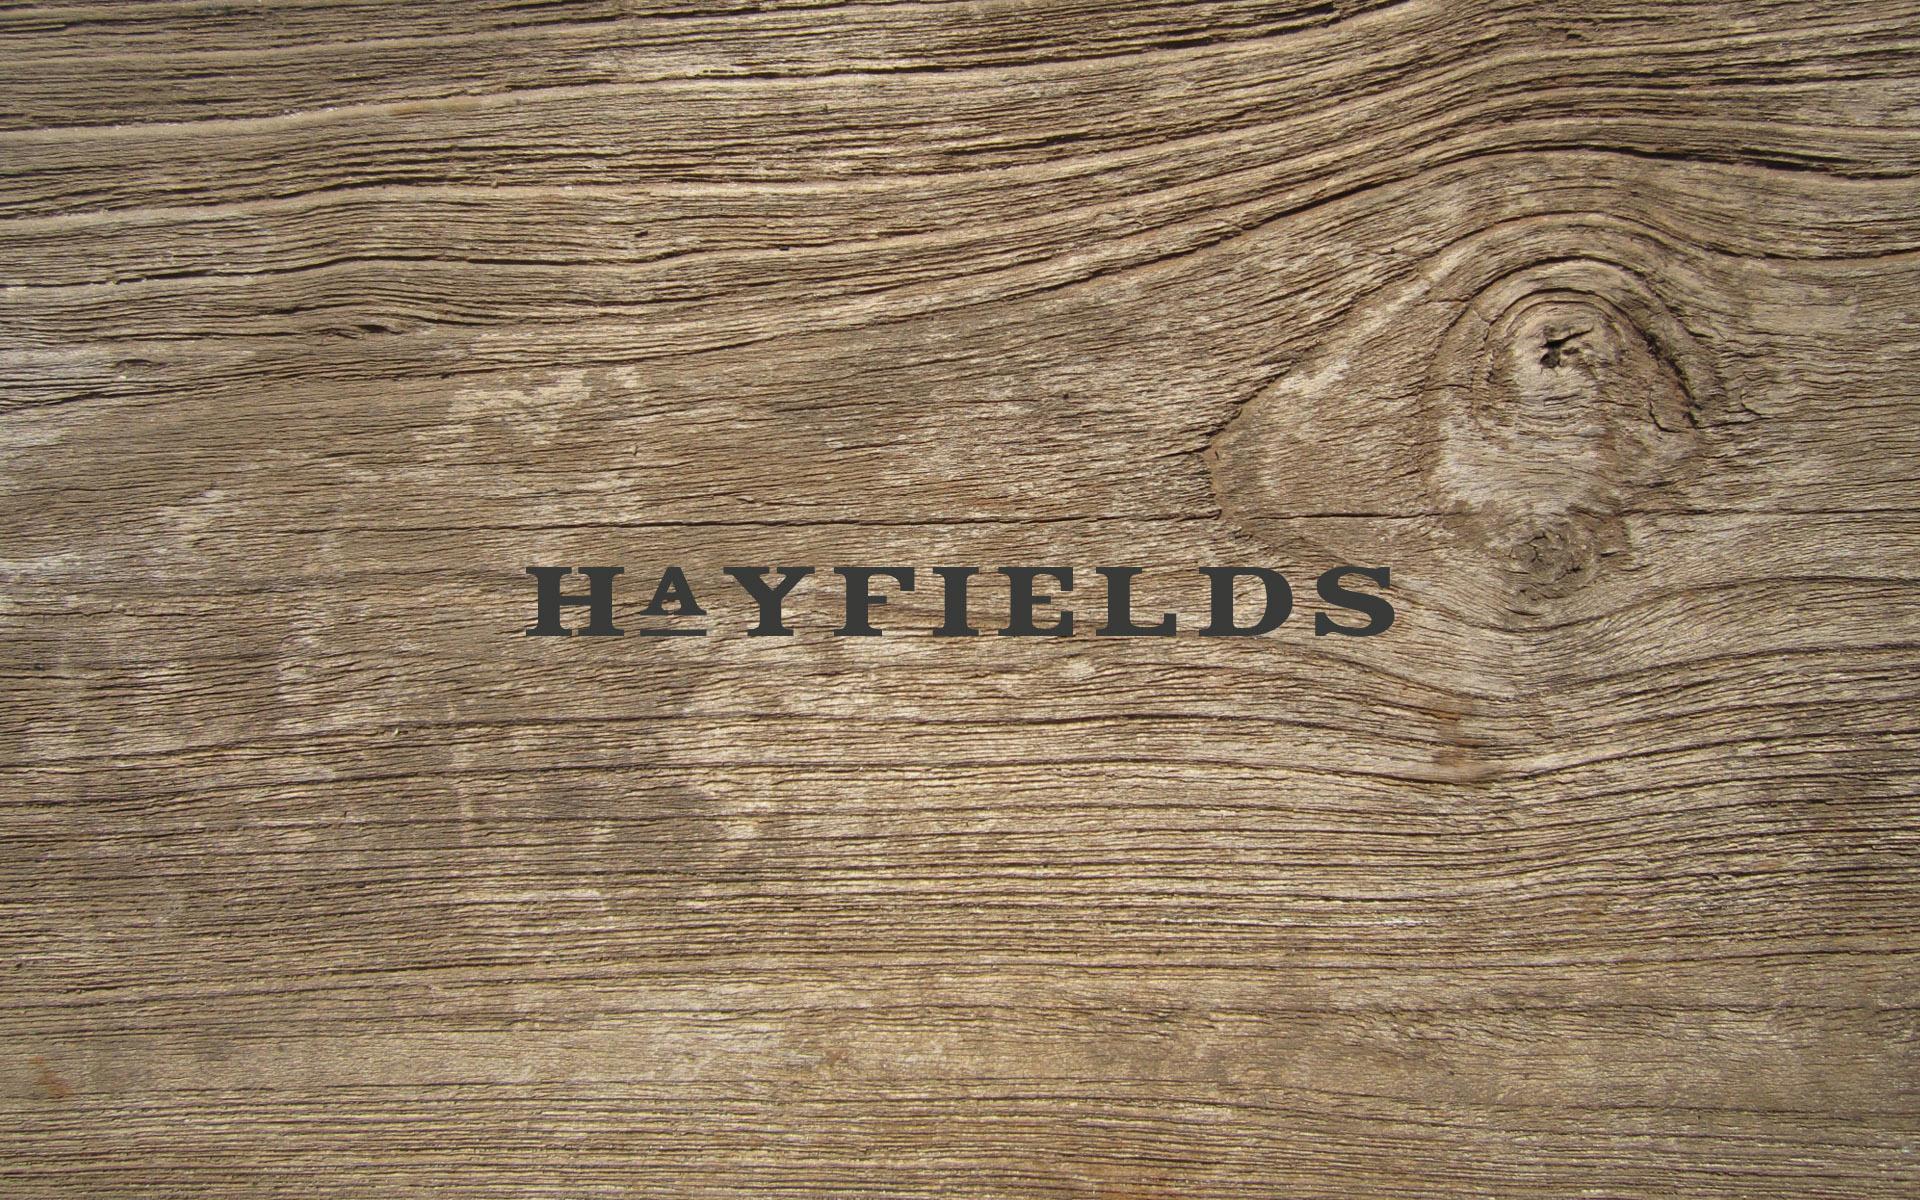 Hayfields Brand Identity